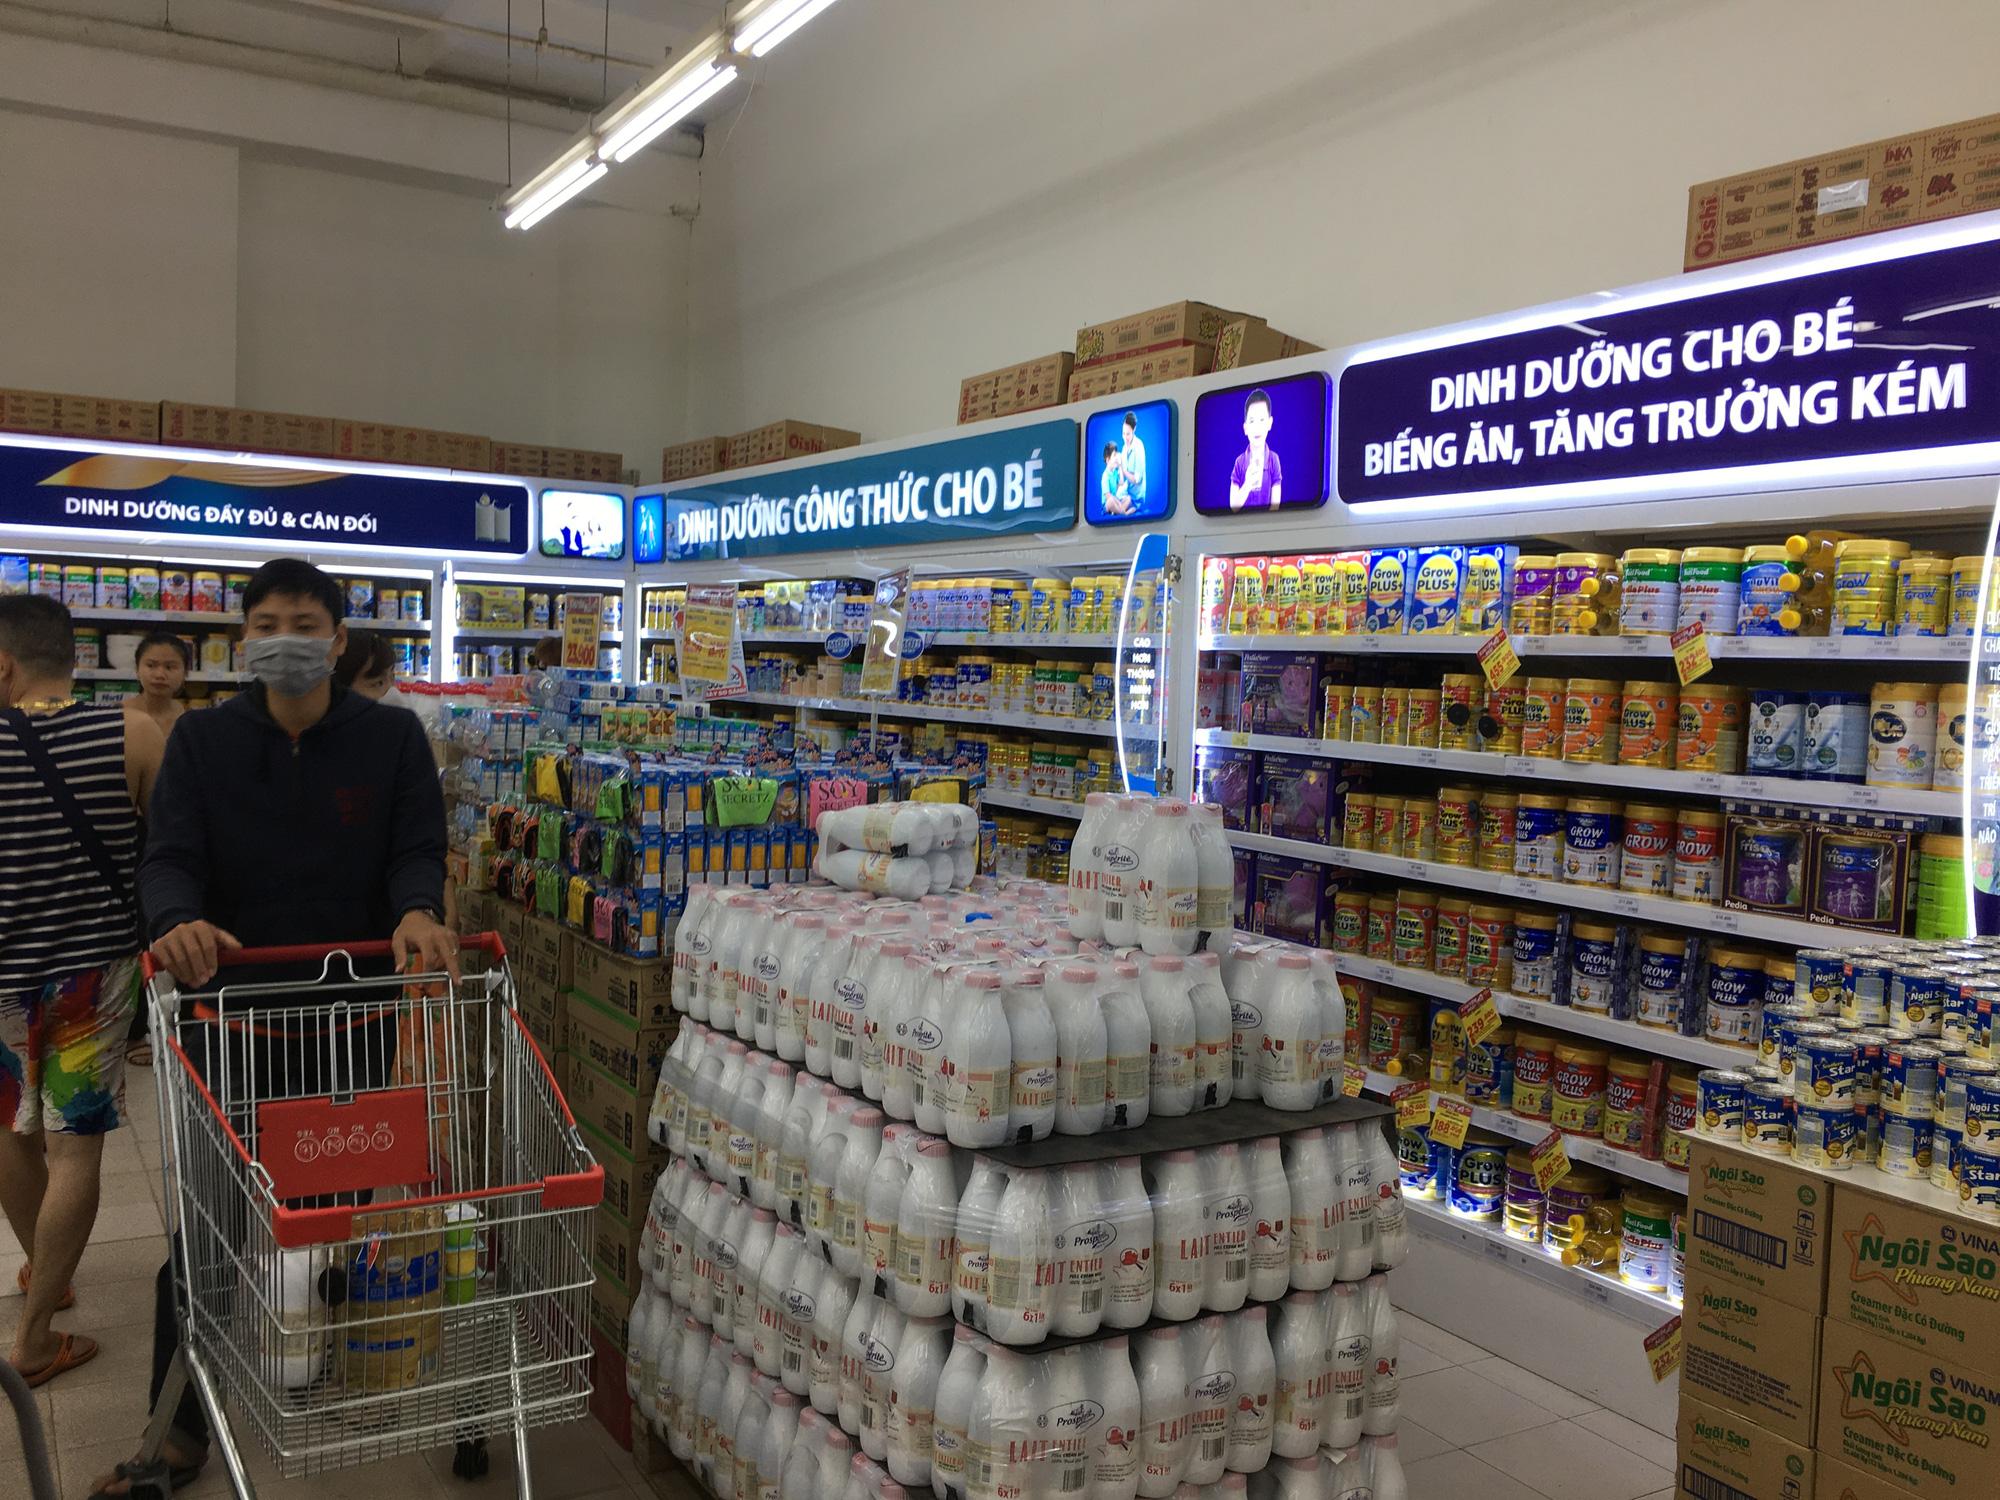 Siêu thị ở Đà Nẵng tràn đầy hàng trăm tấn hàng hóa cho nhu cầu người dân - Ảnh 10.